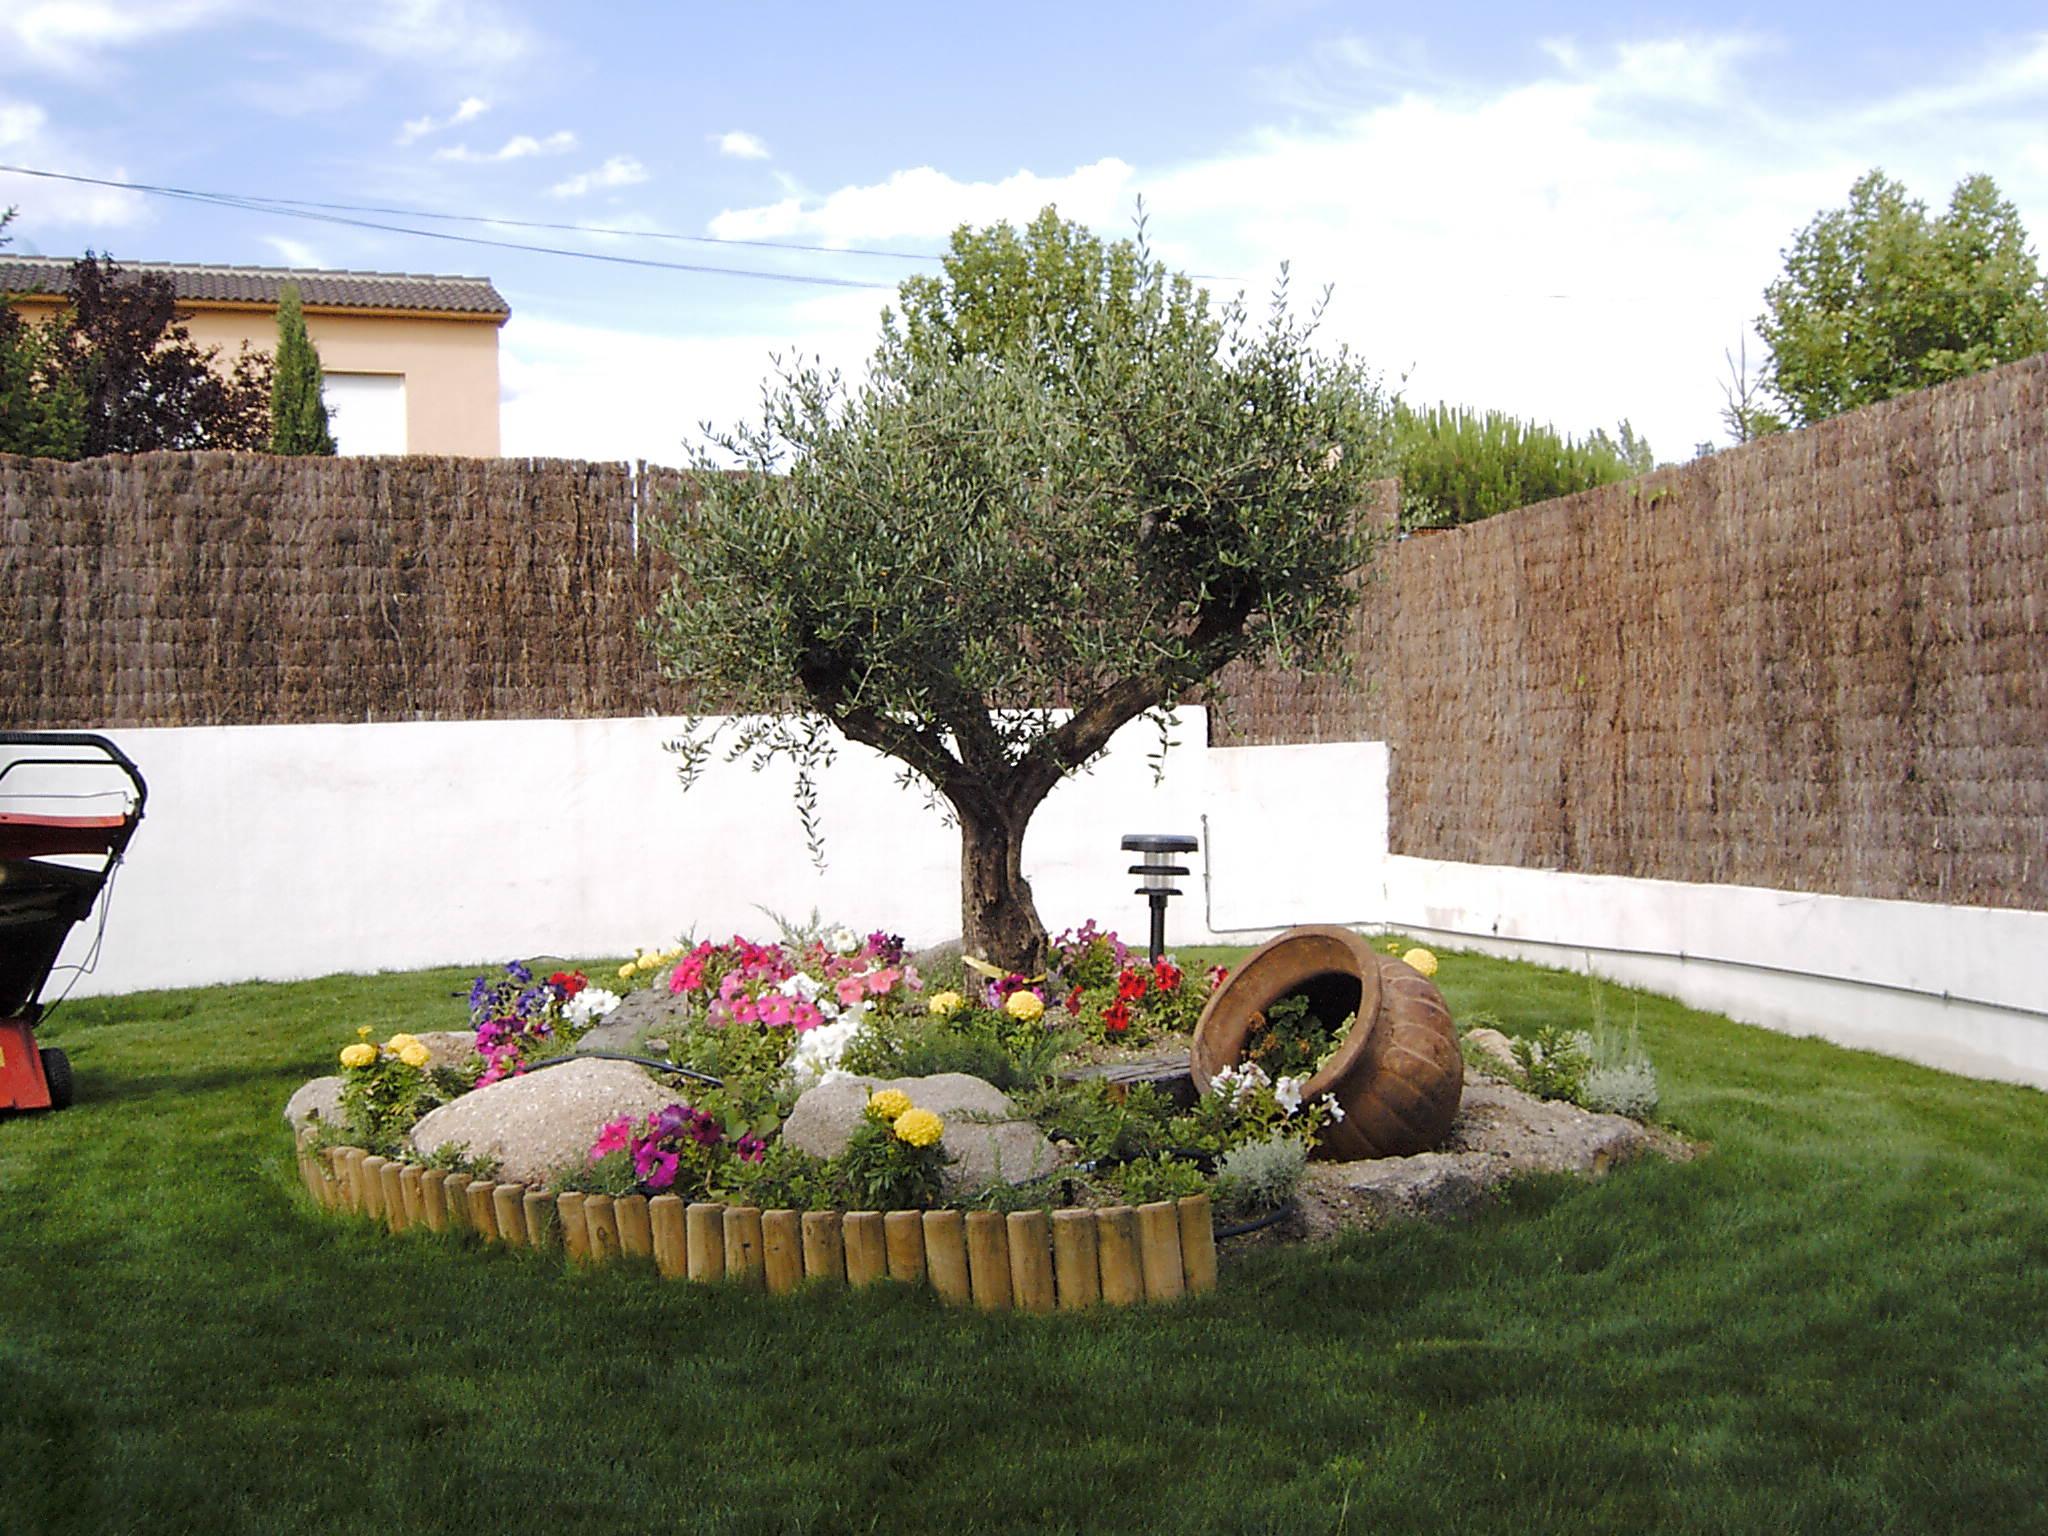 gloval community garden s l inicio